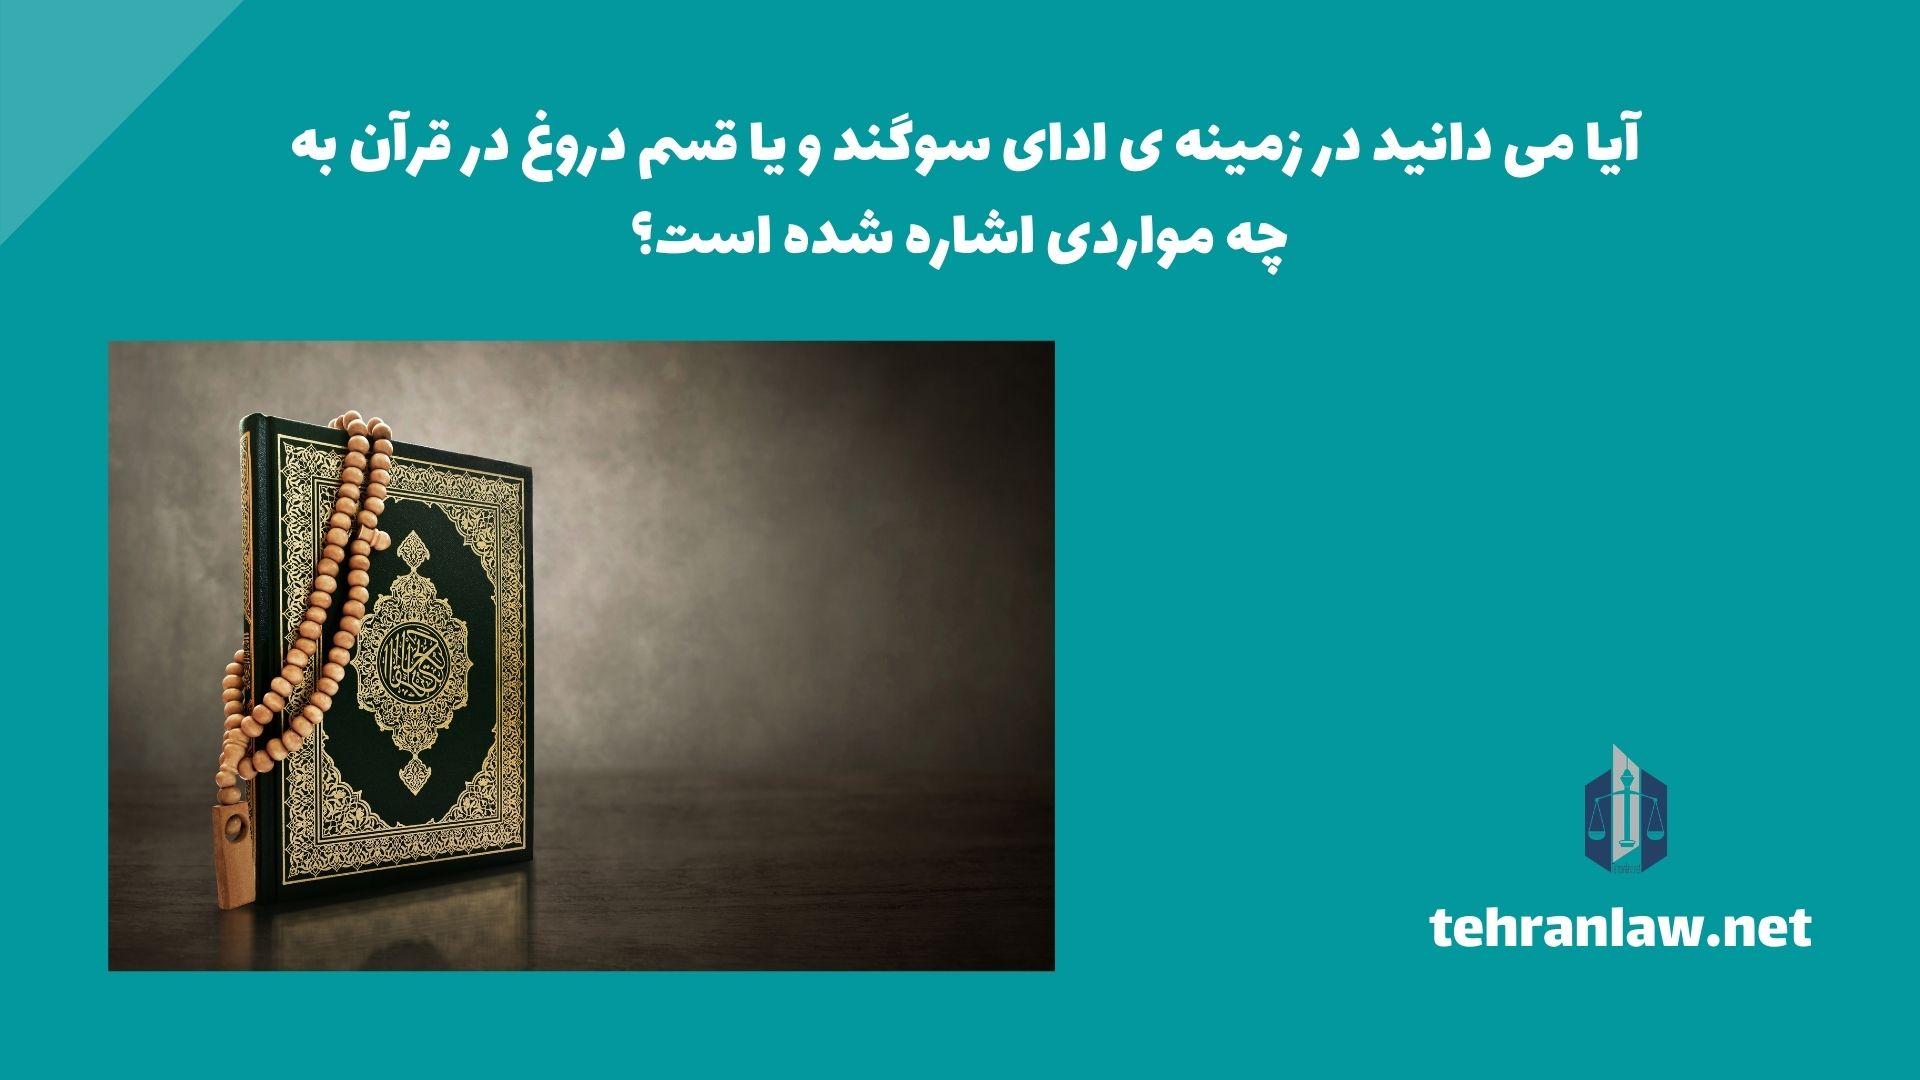 آیا می دانید که در زمینه ی ادای سوگند و یا قسم دروغ در قرآن به چه مواردی اشاره شده است؟